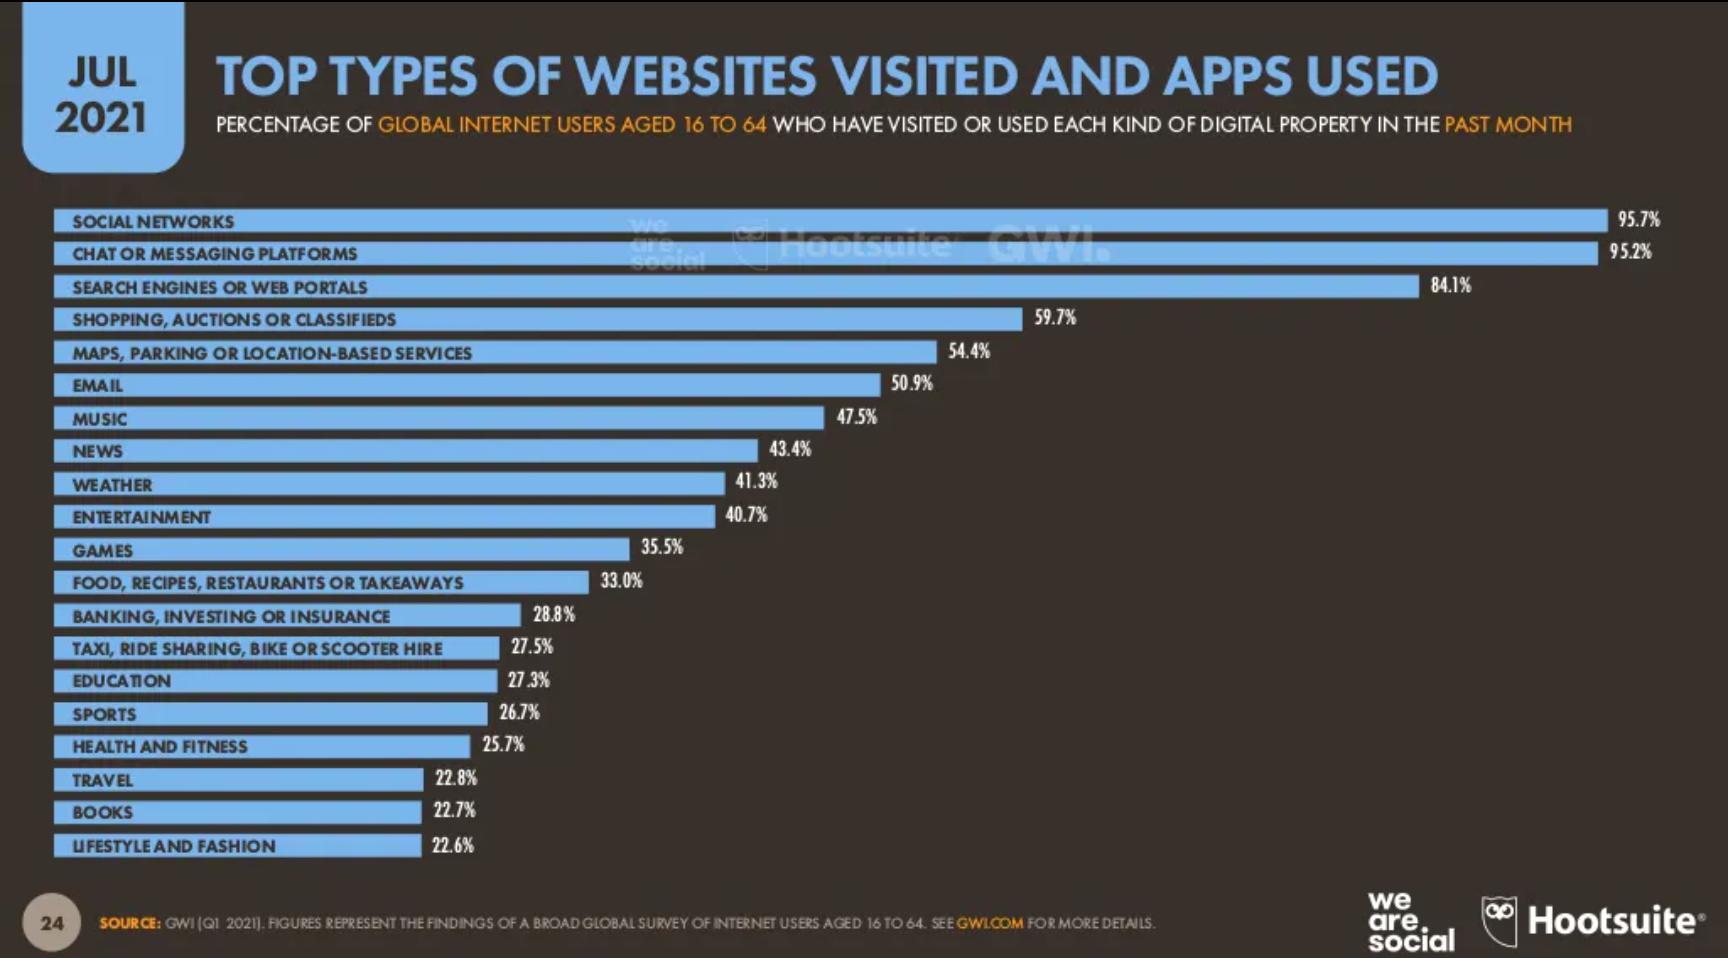 Tipos de sites visitados em julho/2021